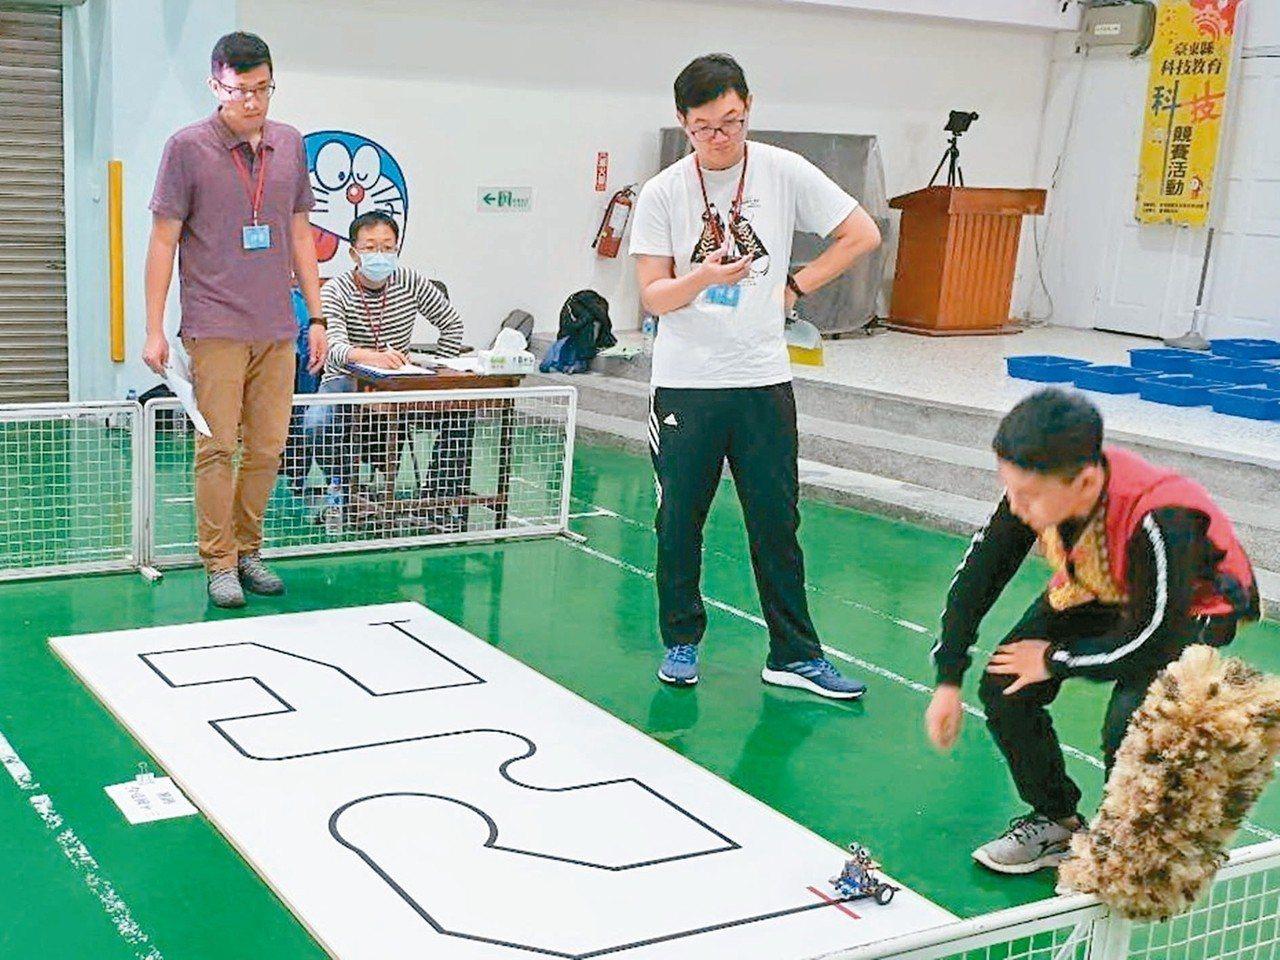 台東縣昨天首辦中小學學生自走車循跡競速賽、自走車迷宮競速賽及科技創新應用賽,學生...